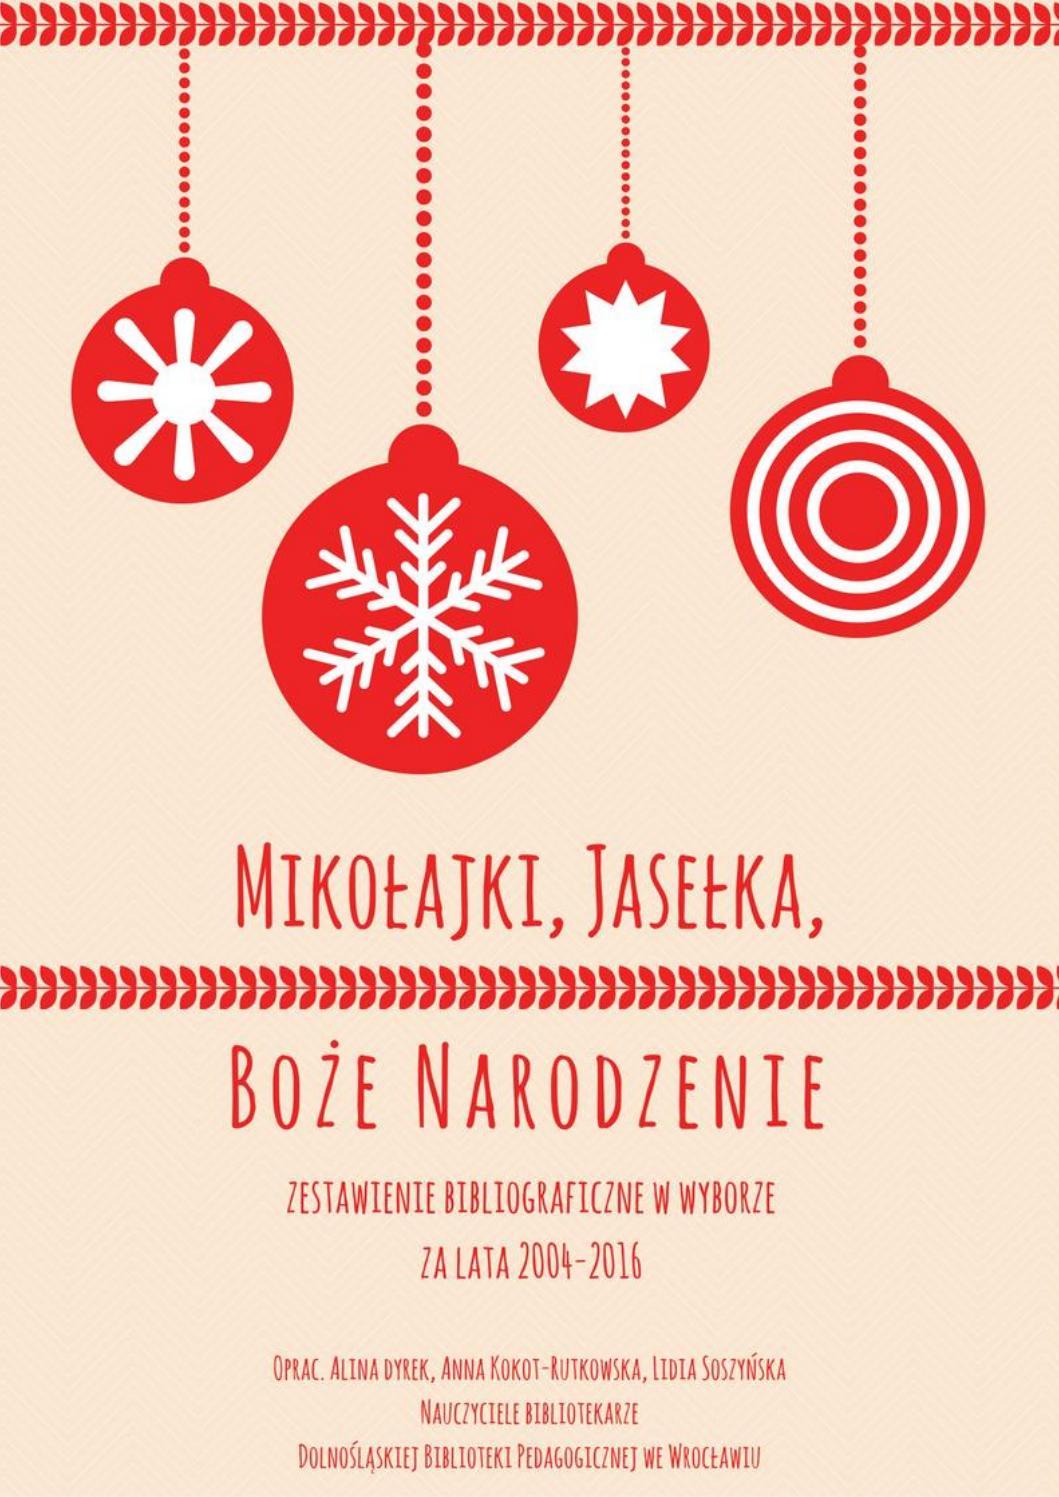 Mikołajki Jasełka Boże Narodzenie By Dolnośląska